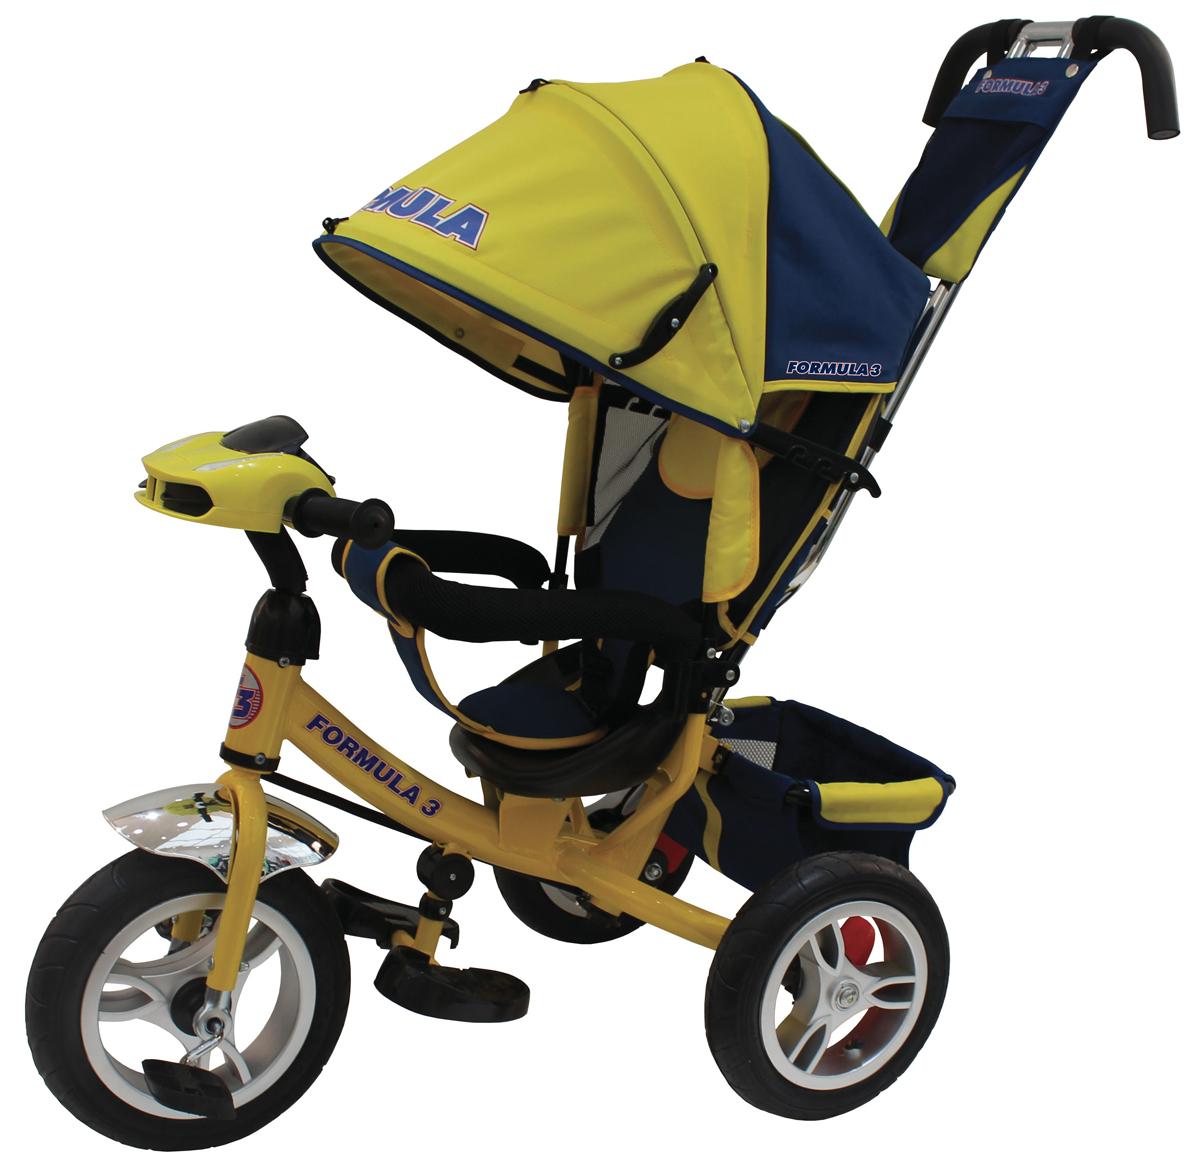 Formula 3 Велосипед трехколесный цвет желтый FA3Y велосипед 3 х колесный puky трехколесный велосипед cat 1l capt n sharky